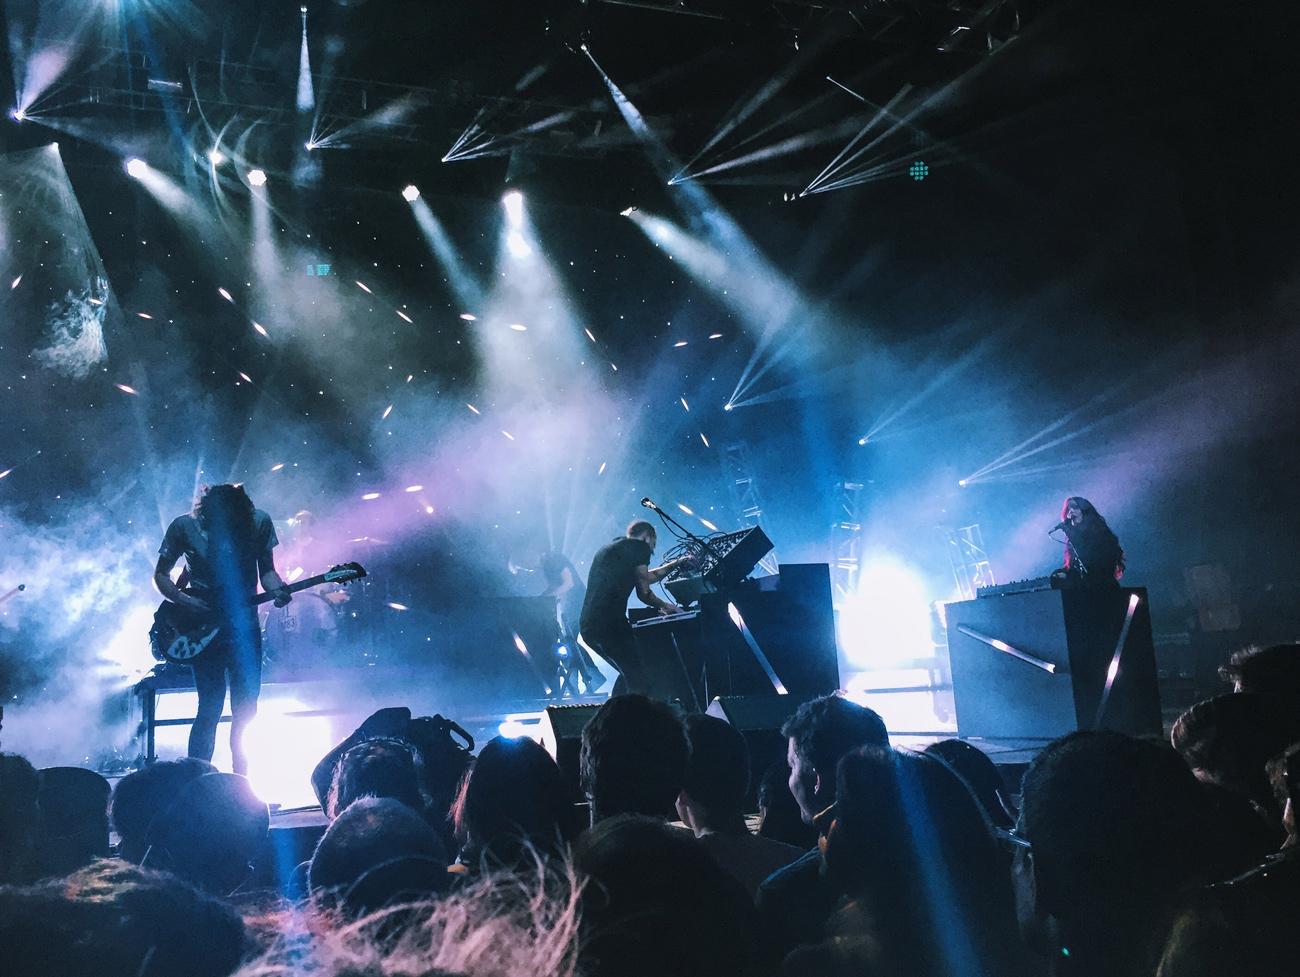 🤪 Вийшов рейтинг найгірших назв для музичних груп — Premature Ejaculation, The The, Anal Cunt